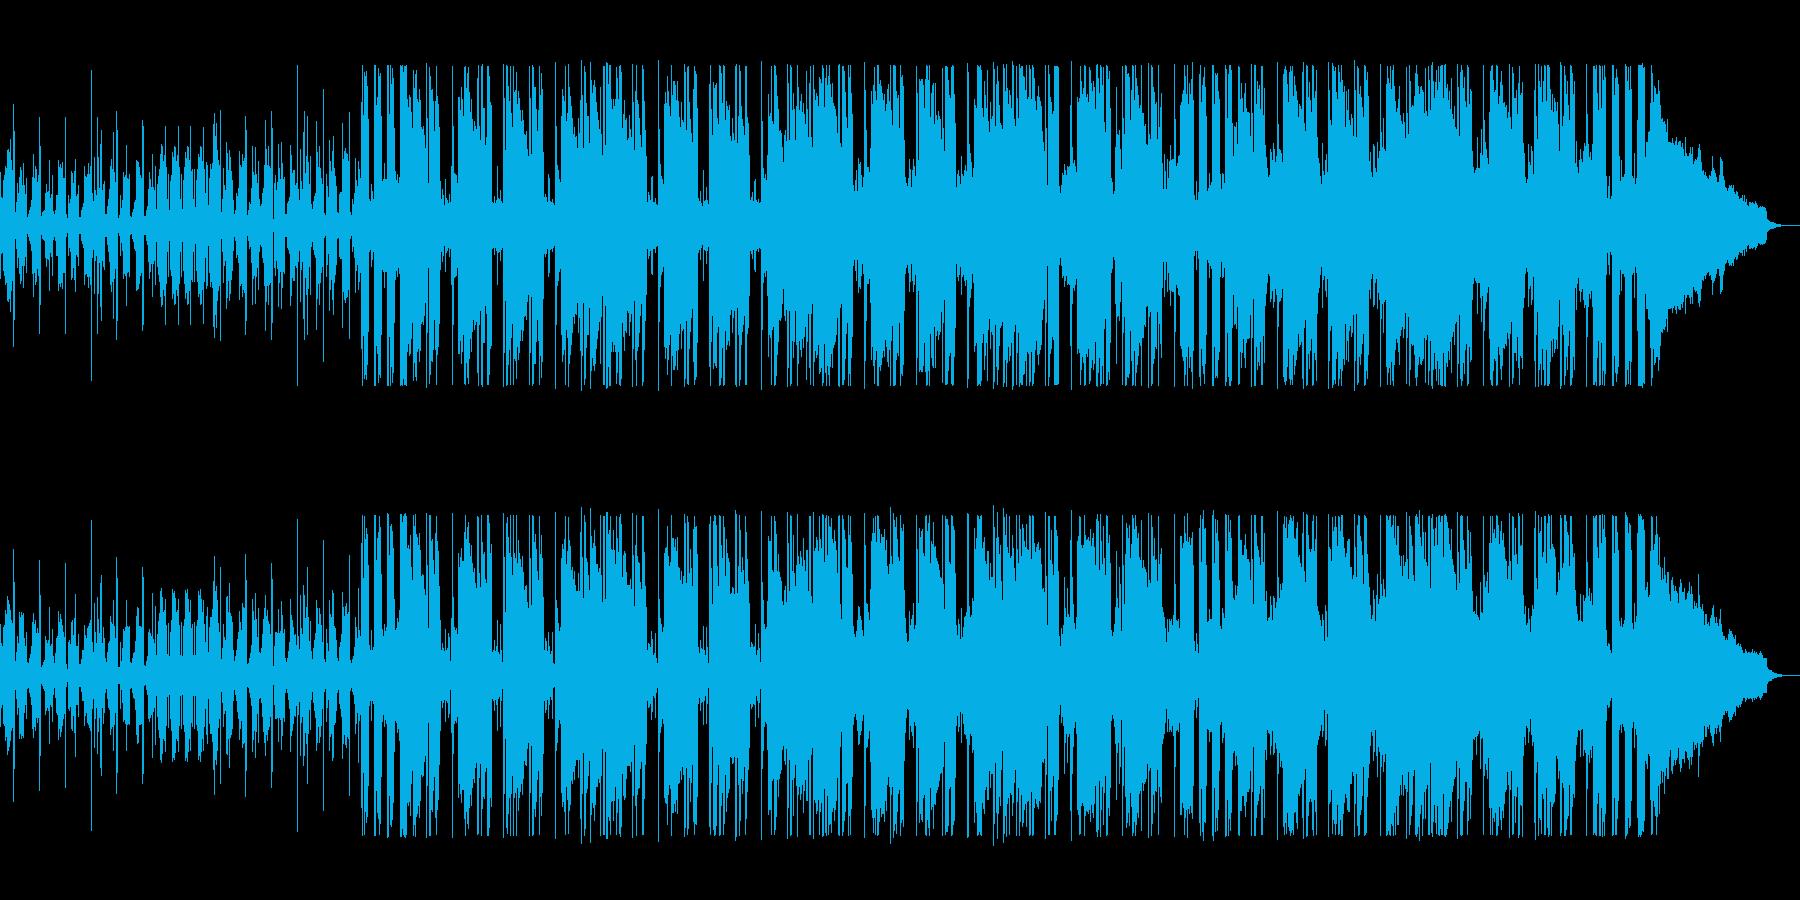 洗練されたオシャレなテクノポップの再生済みの波形